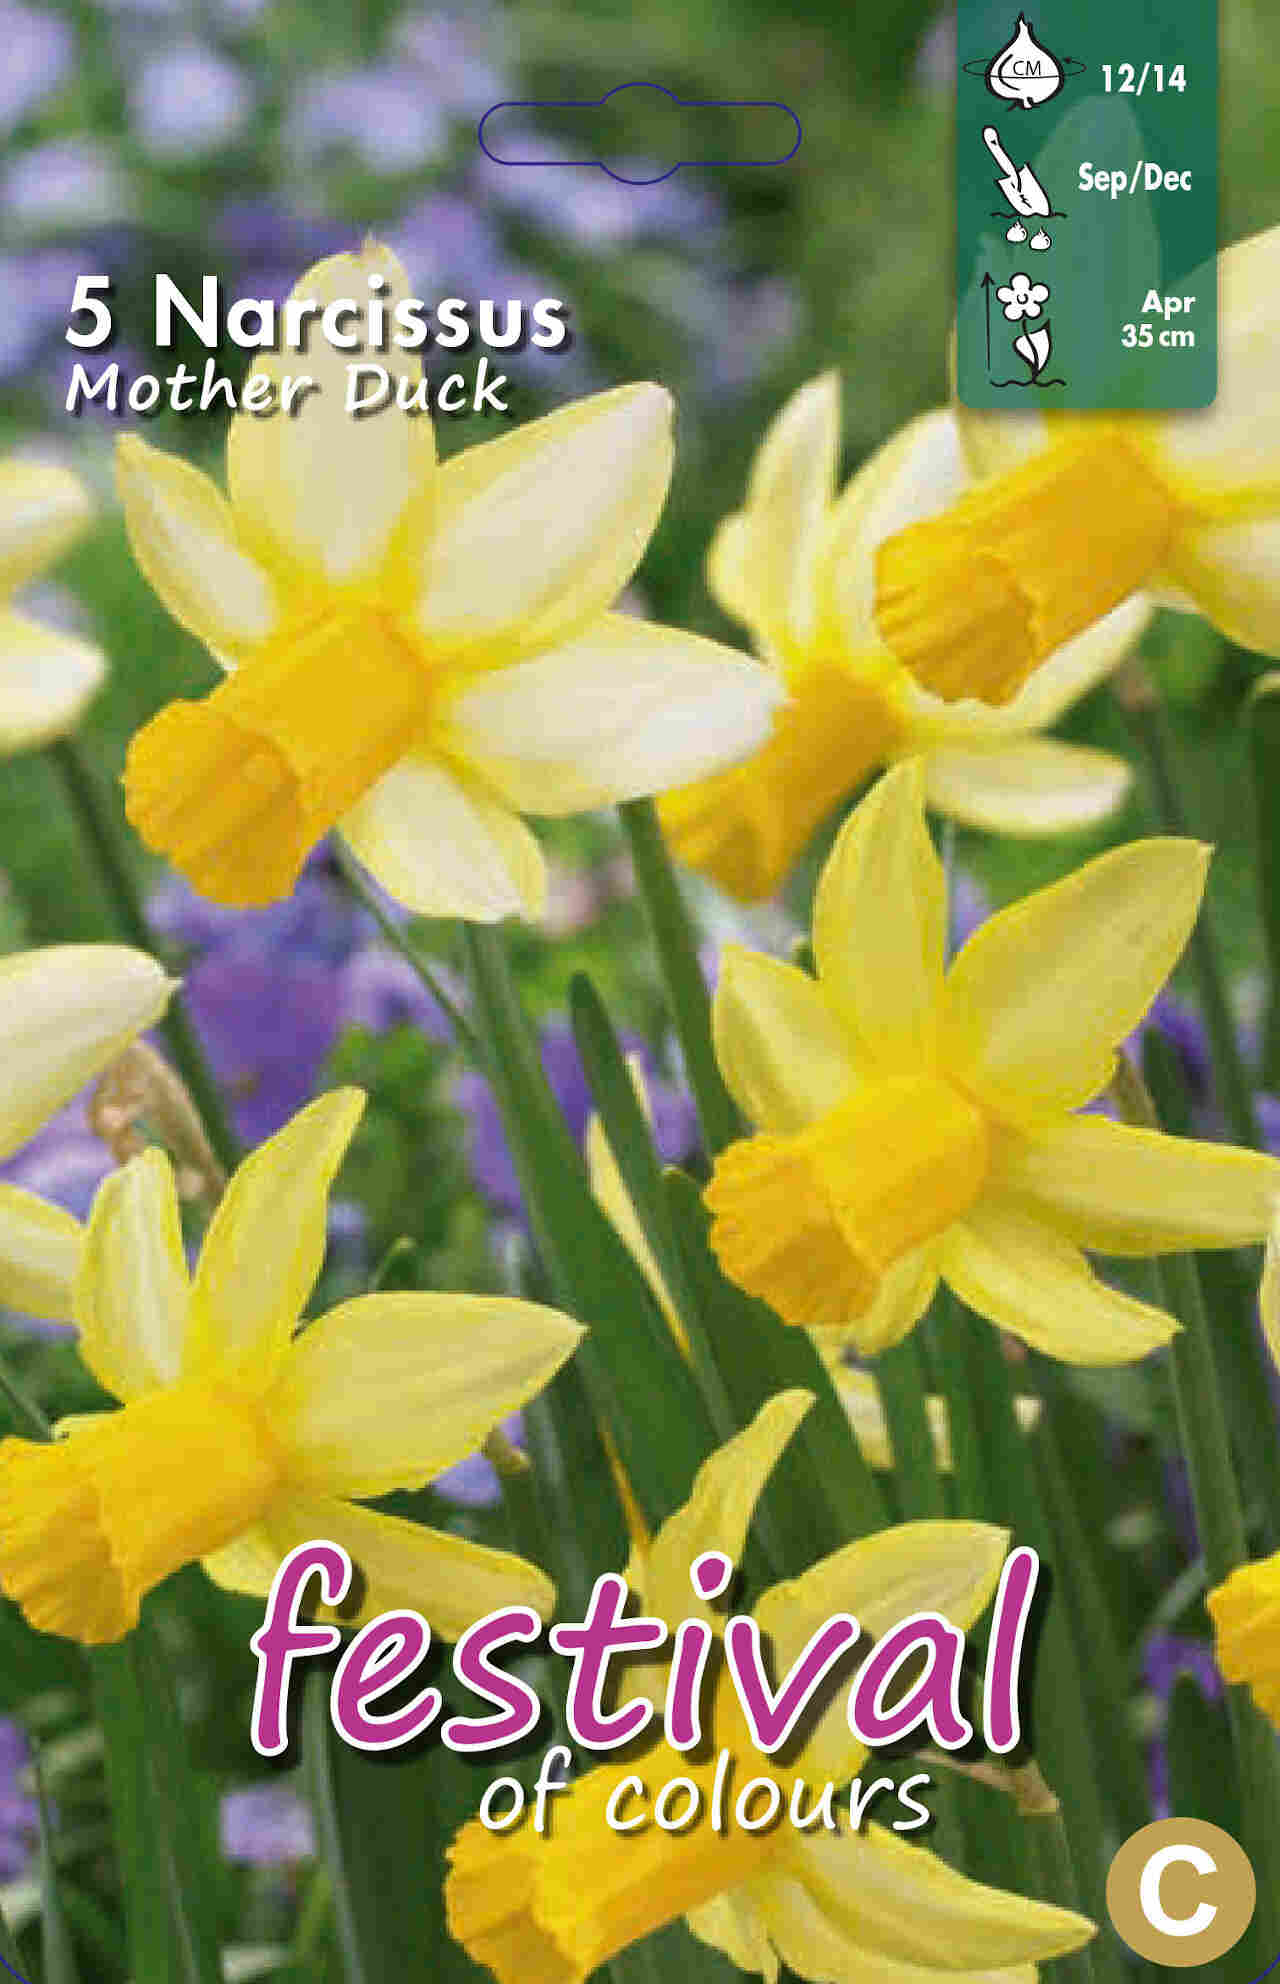 Påskeliljeløg - Narcissus Mother Duck 12/14